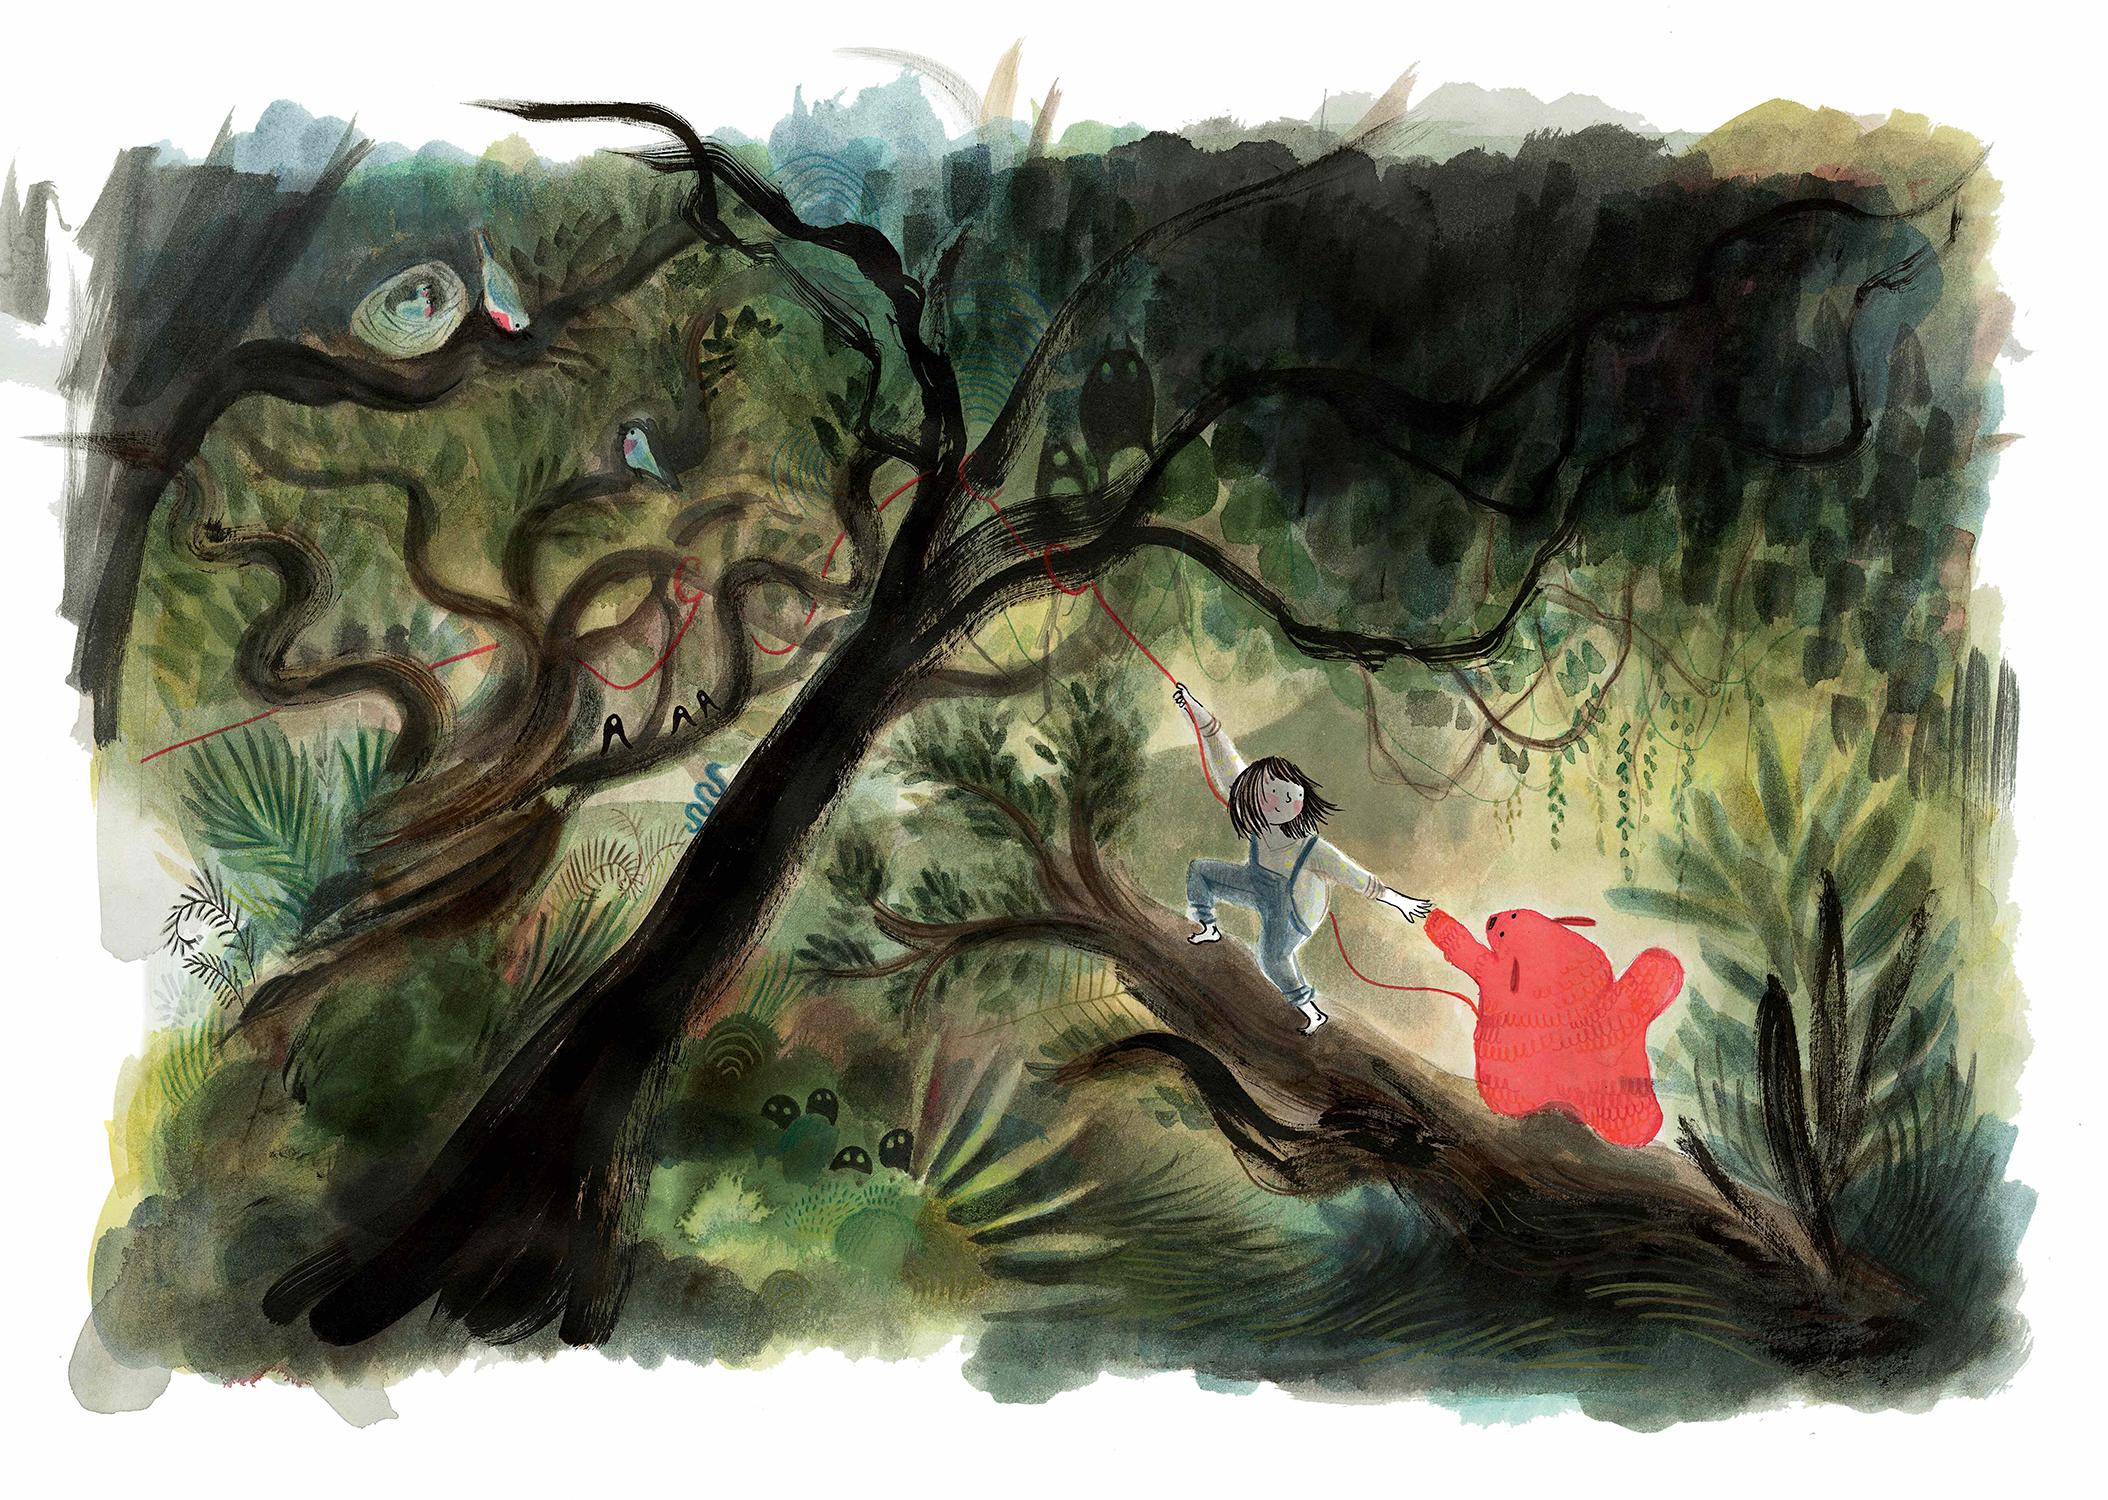 Hector et les bêtes sauvages #6 | Hector et les bêtes sauvages #6 | Clémence Monnet